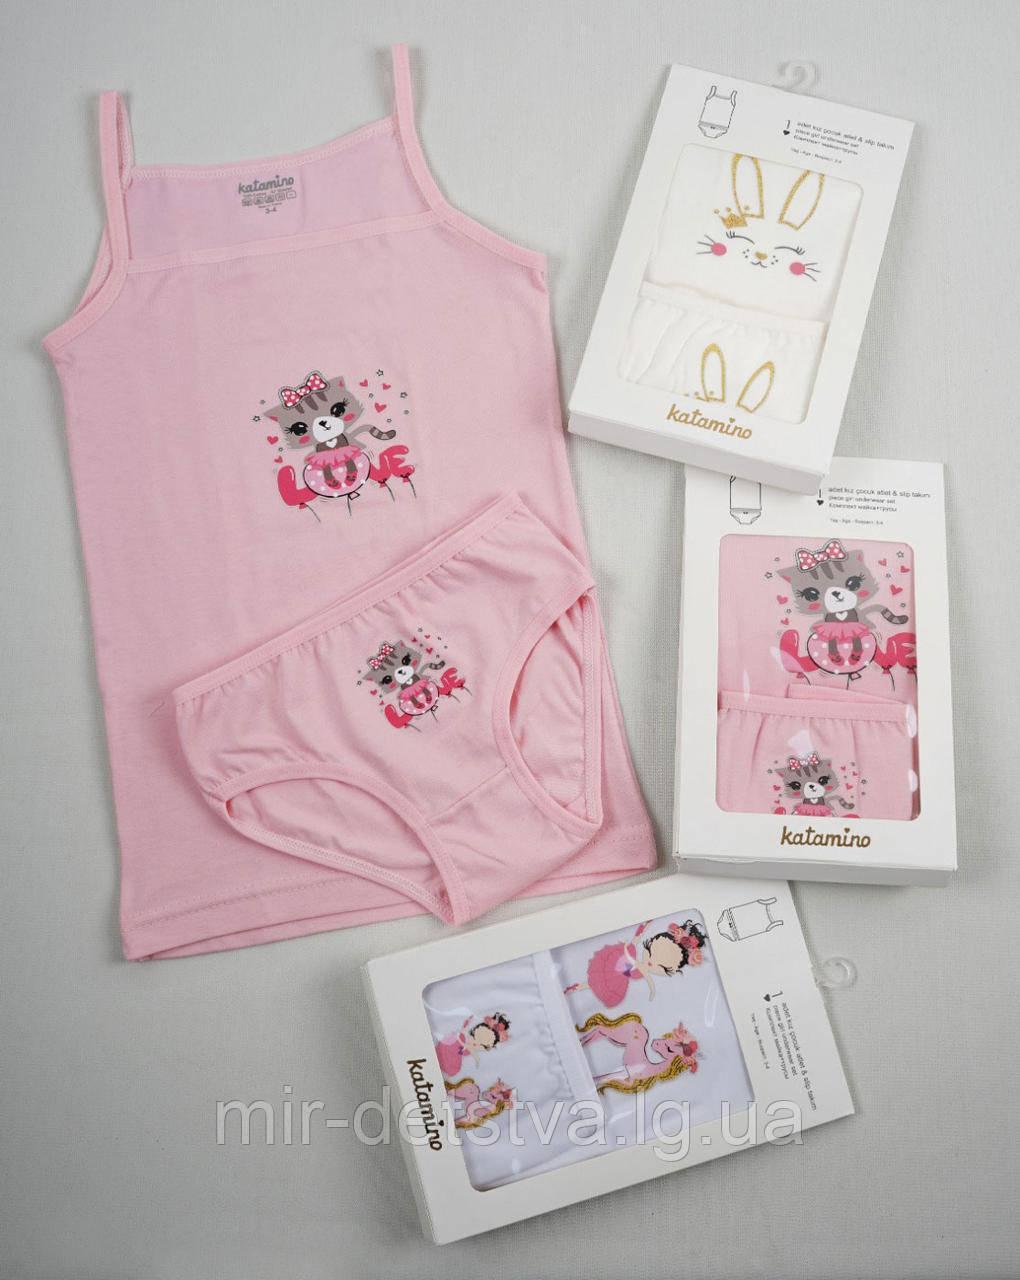 Комплект (майка+трусики) для девочки TM Katamino оптом, Турция р.3-4 года (98-104 см)